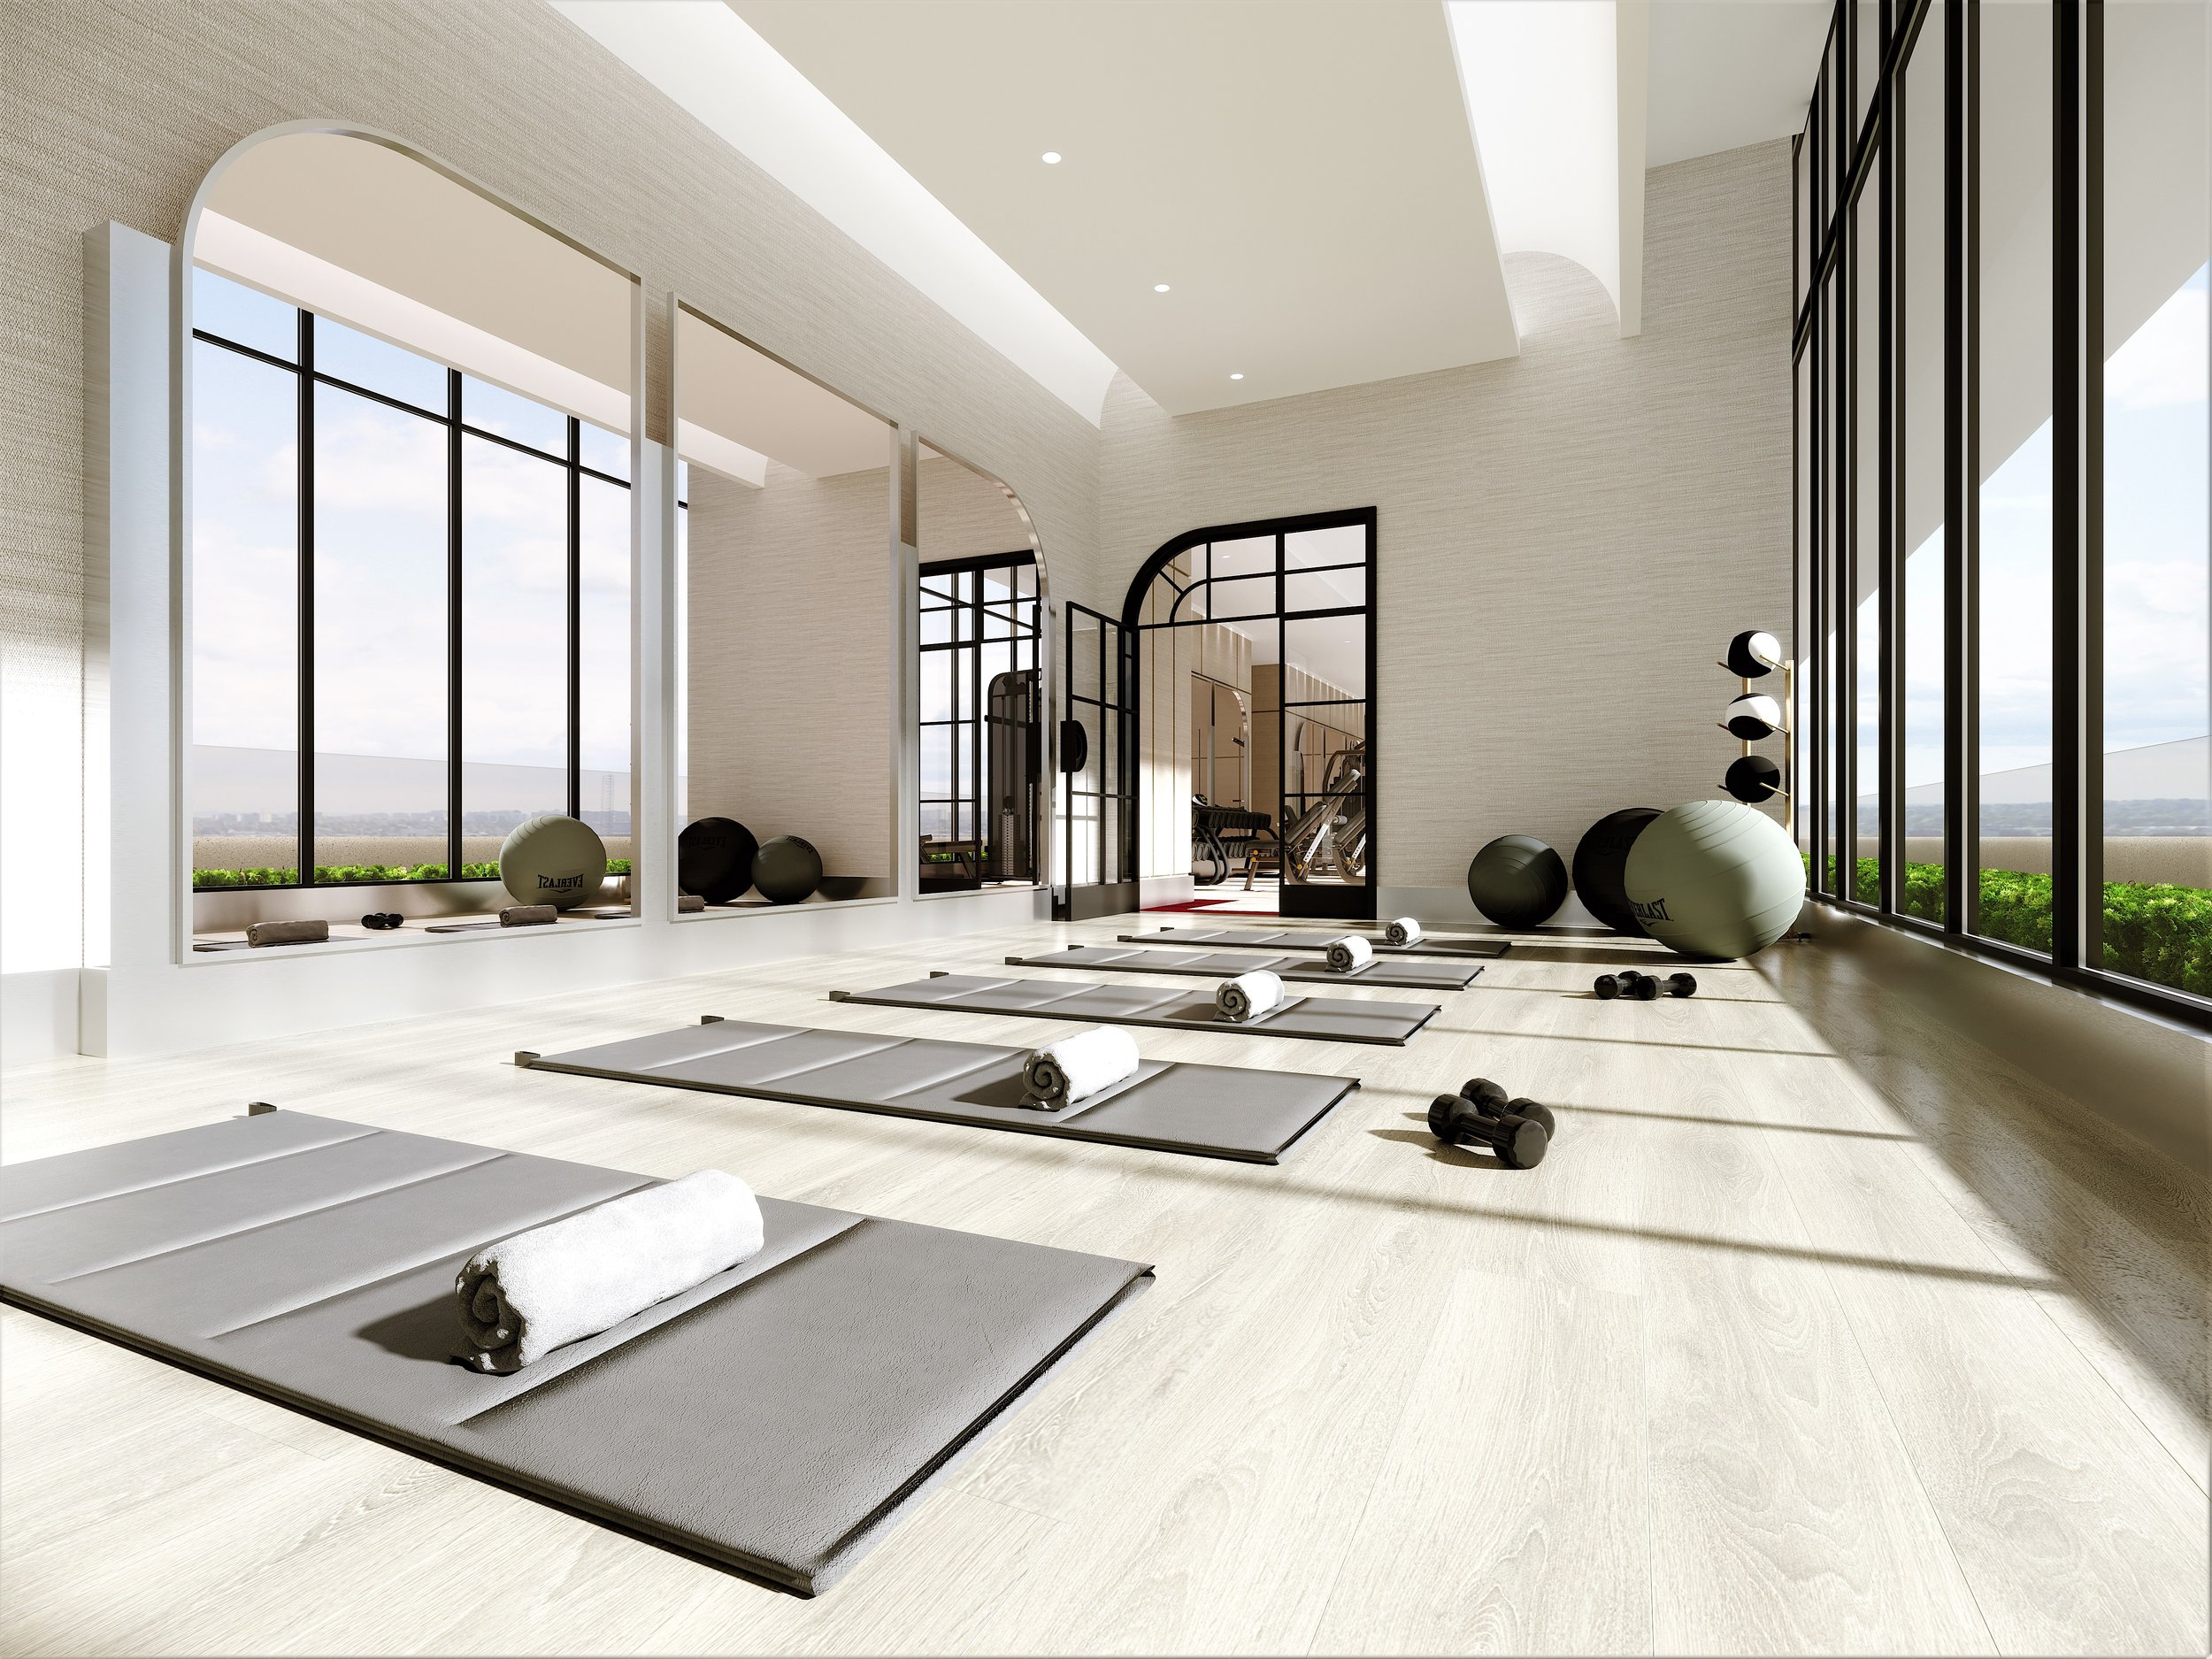 gym_Yoga 002.0000.jpg